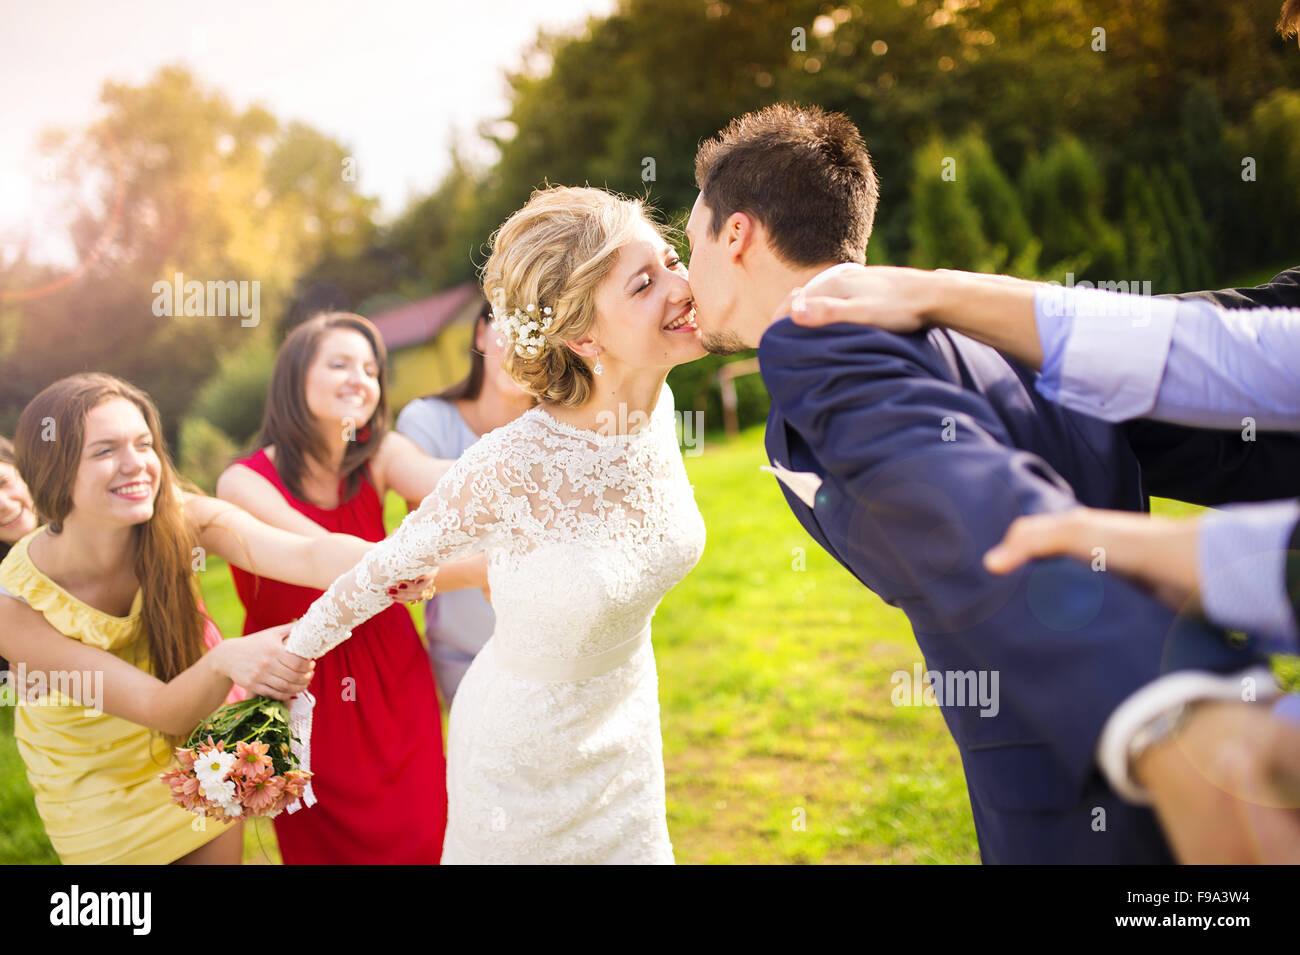 Lustige Porträt des frisch verheirateten Paar küssen, Brautjungfern und Trauzeugen in sonnigen, grünen Stockbild